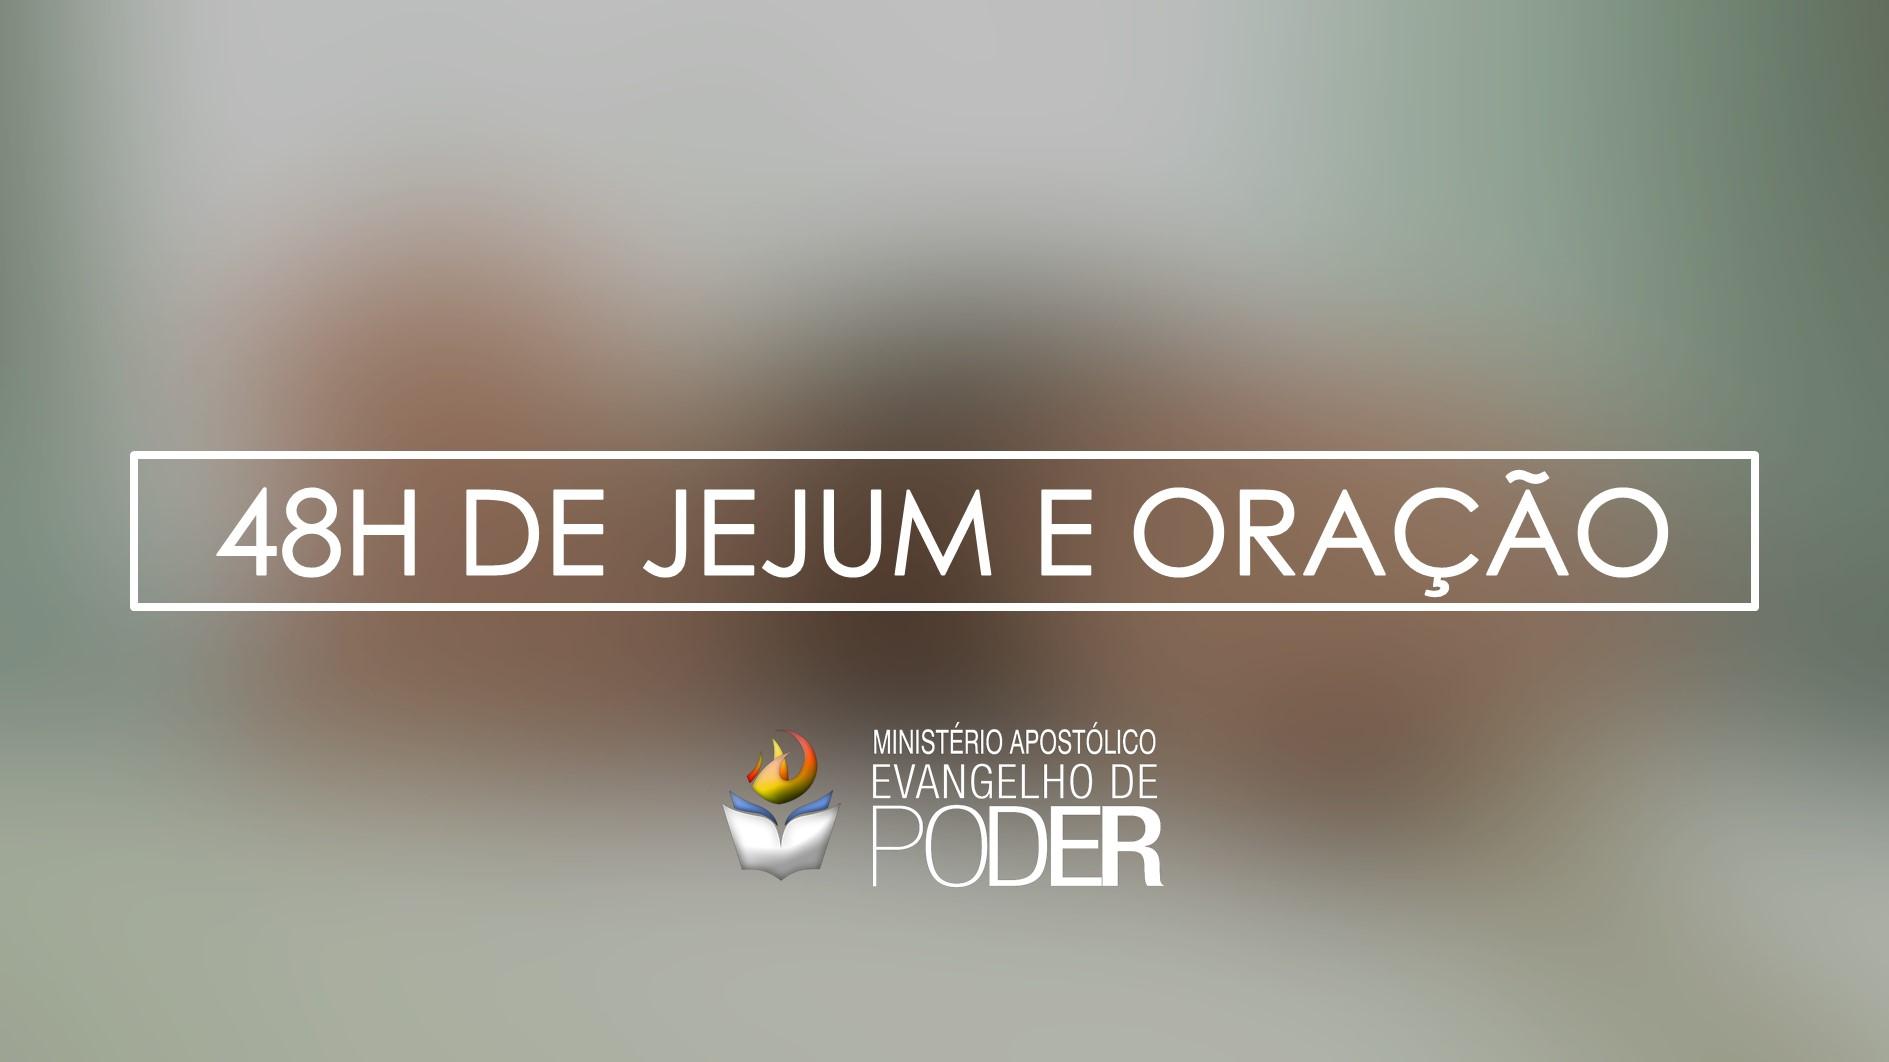 INTERCESSÃO 48H DE JEJUM E ORAÇÃO (10 DE MAIO 2017)